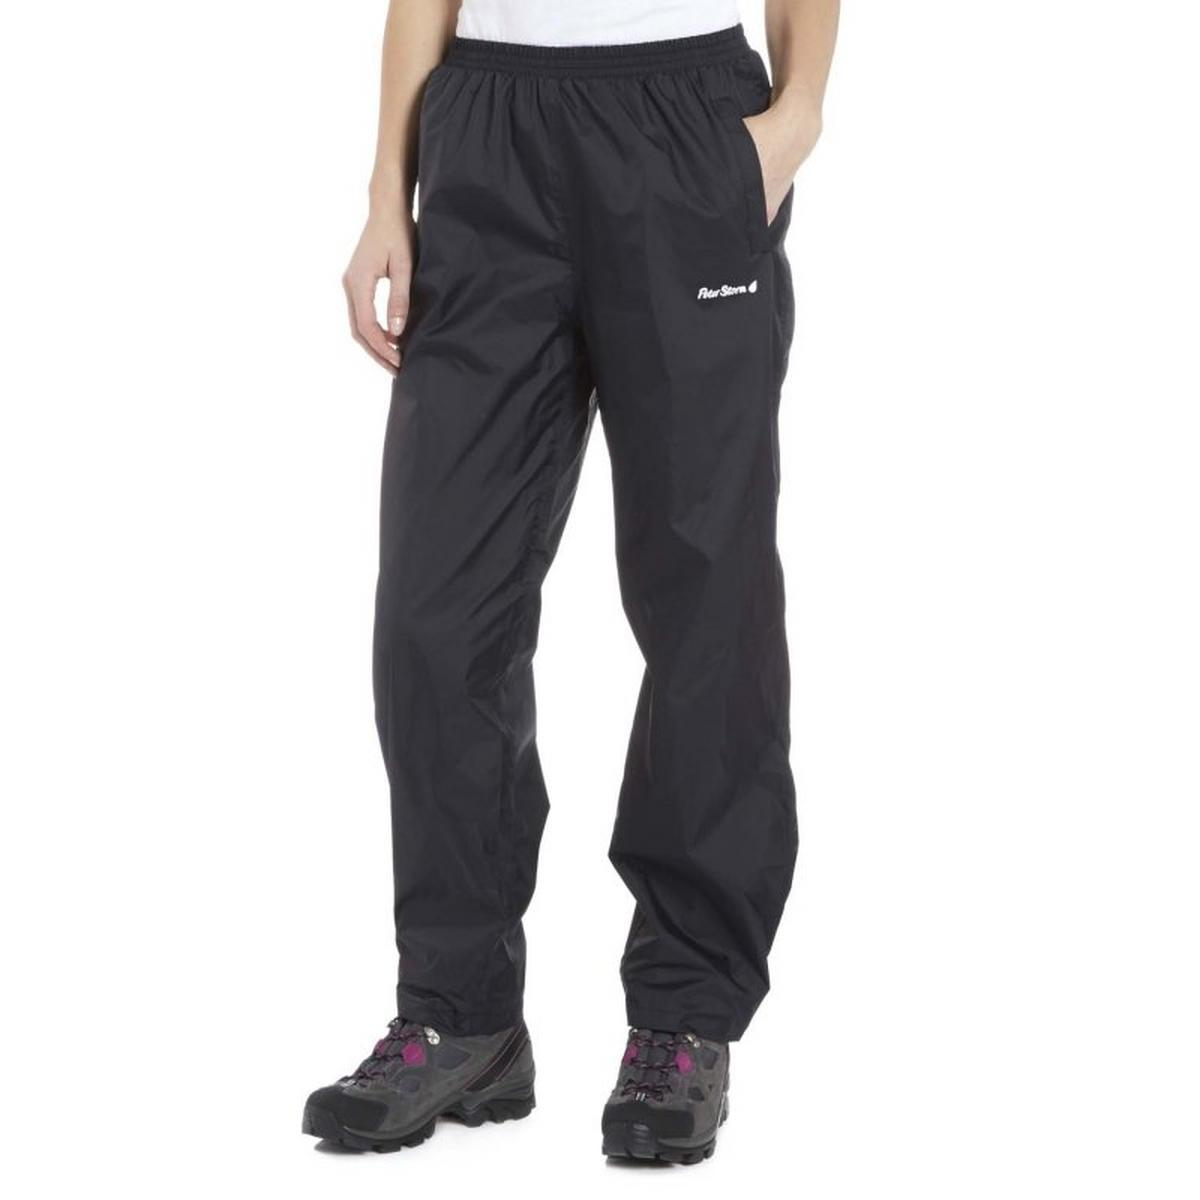 Peter Storm Women's Packable Waterproof Pant - Black